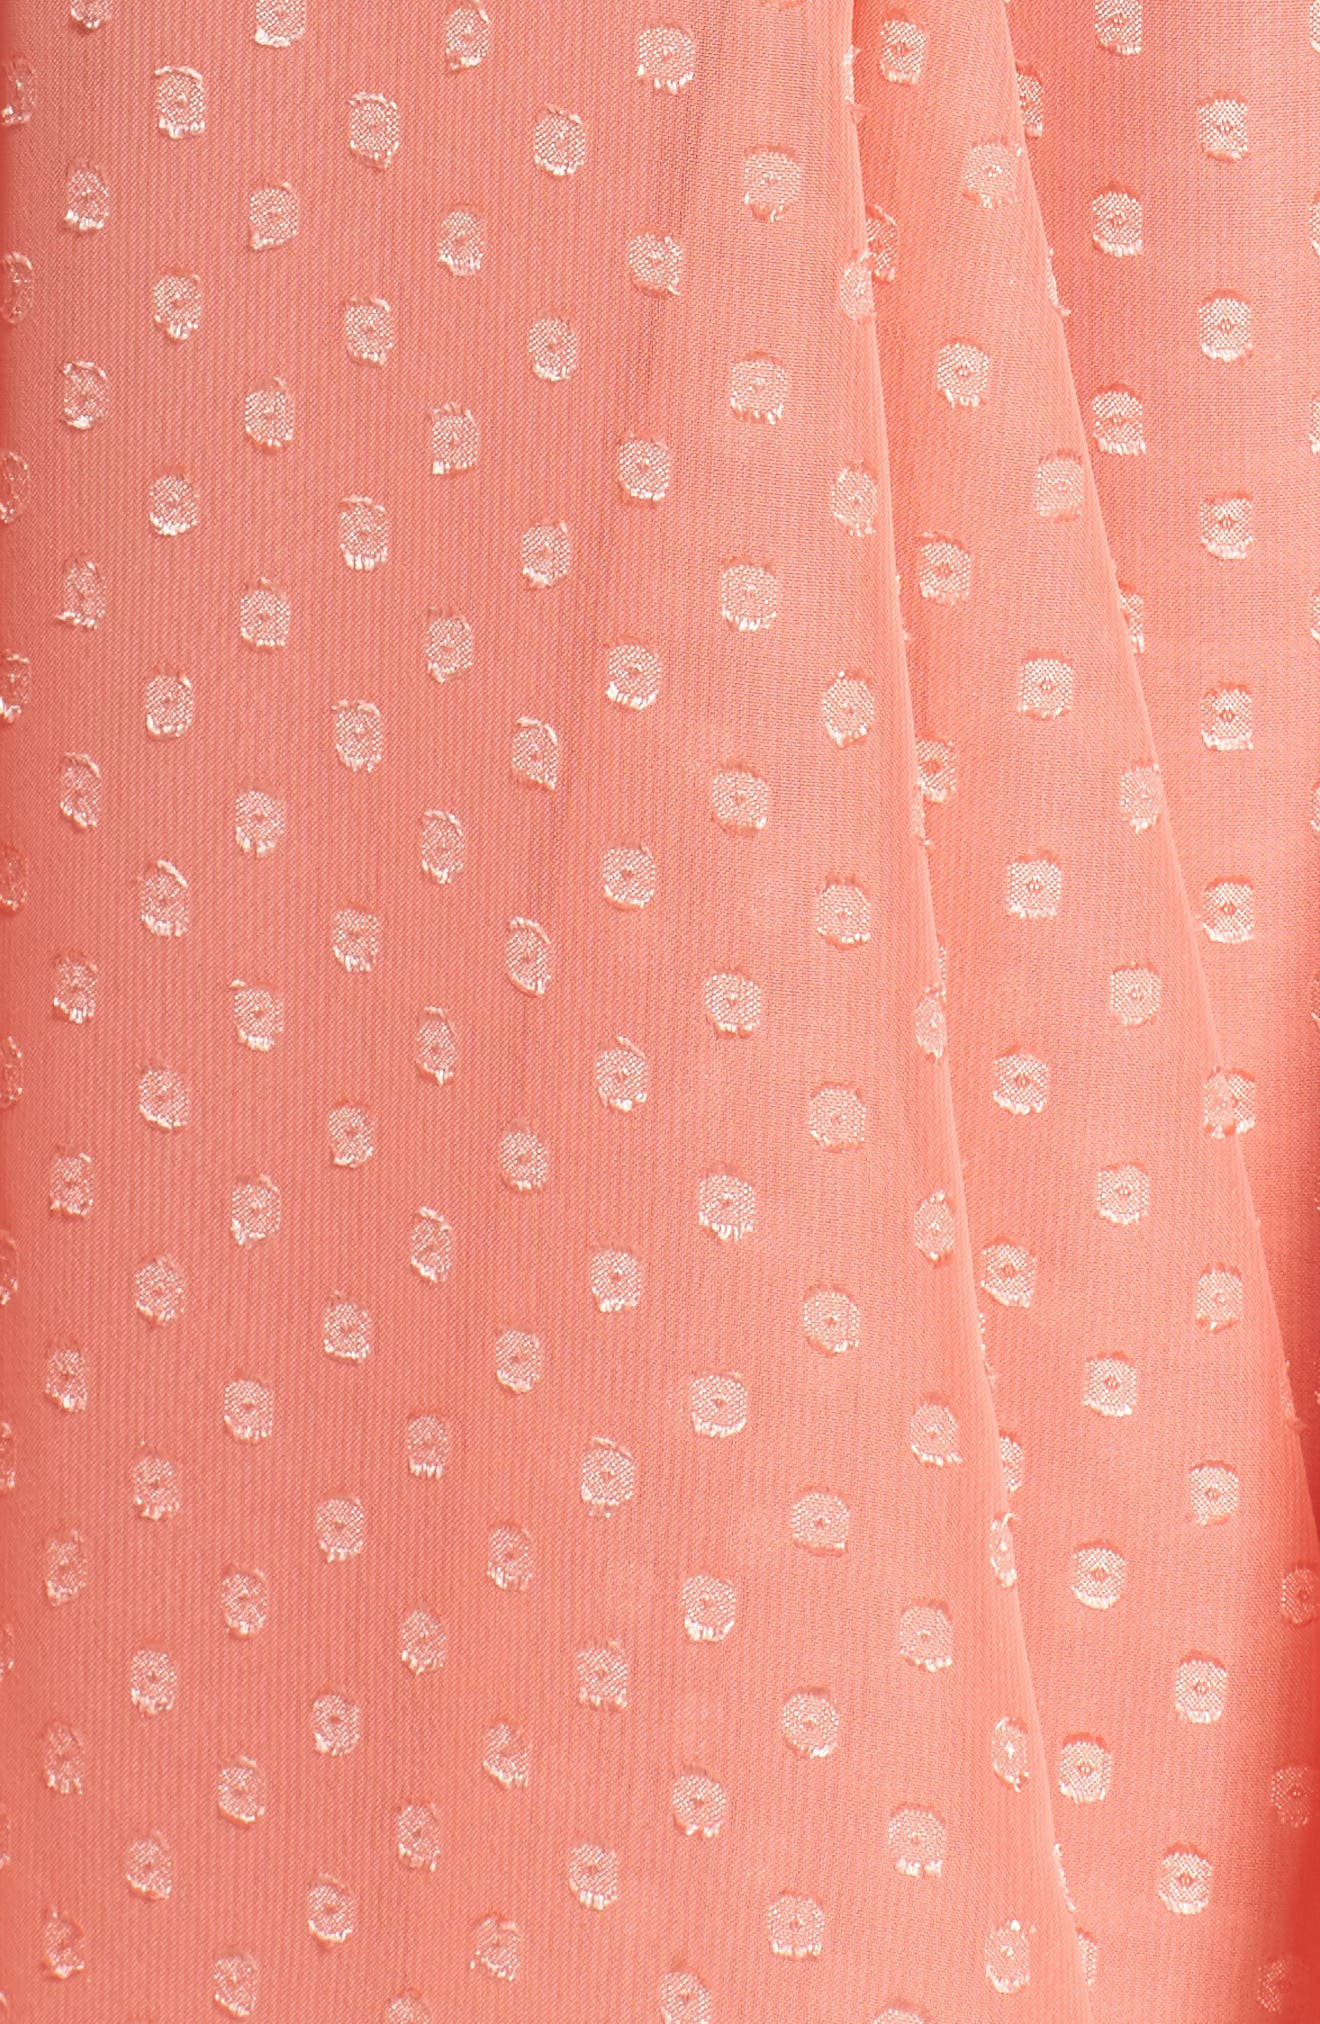 Split Sleeve Swiss Dot Chiffon Faux Wrap Dress,                             Alternate thumbnail 5, color,                             Soft Coral